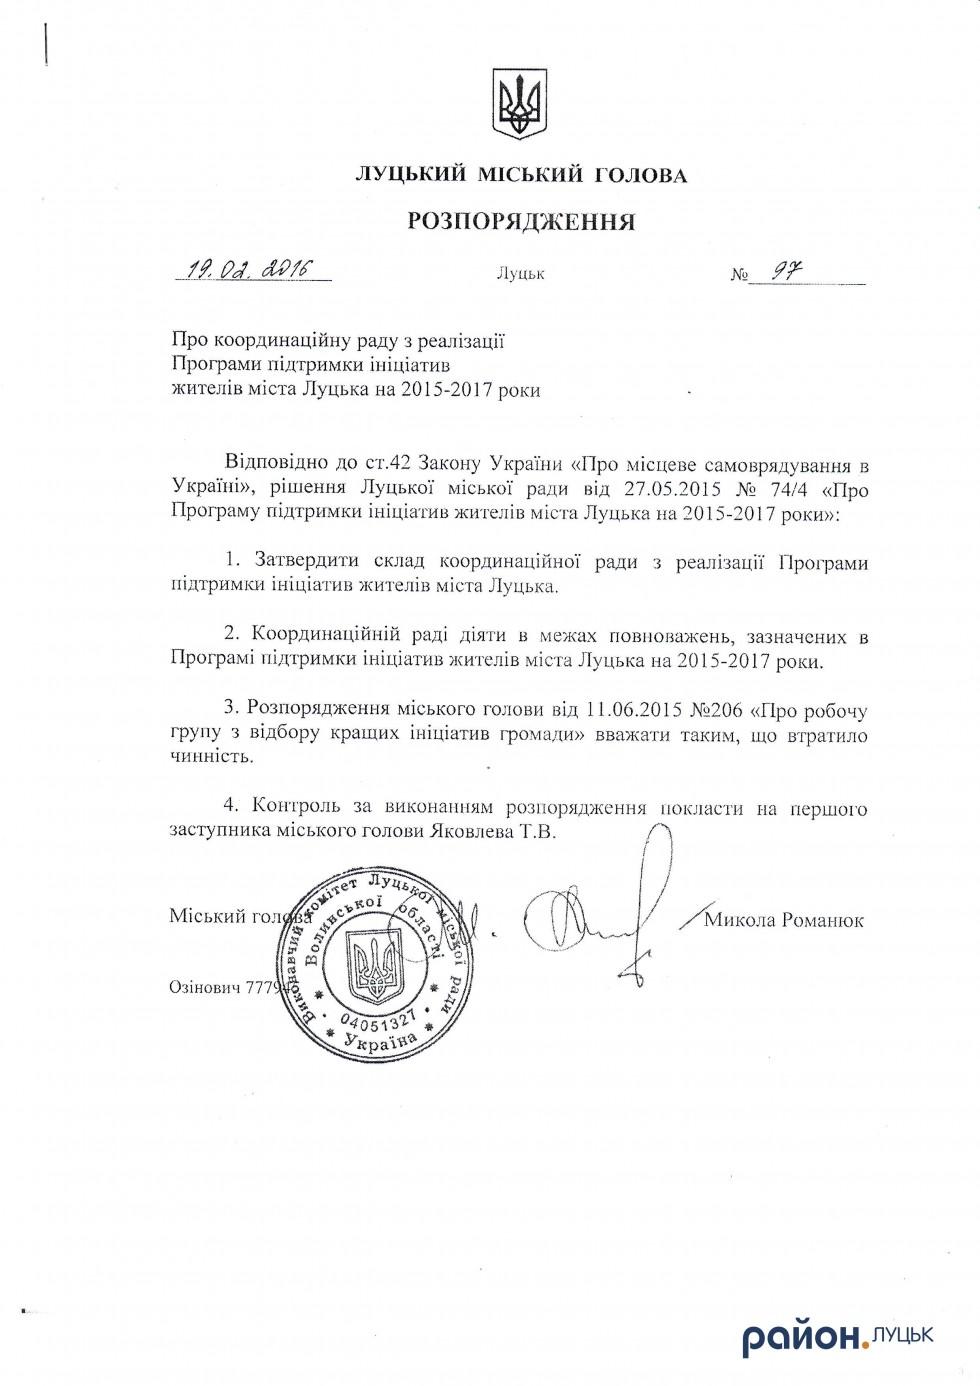 Розпорядження Миколи Романюка про затвердження складу координаційної ради